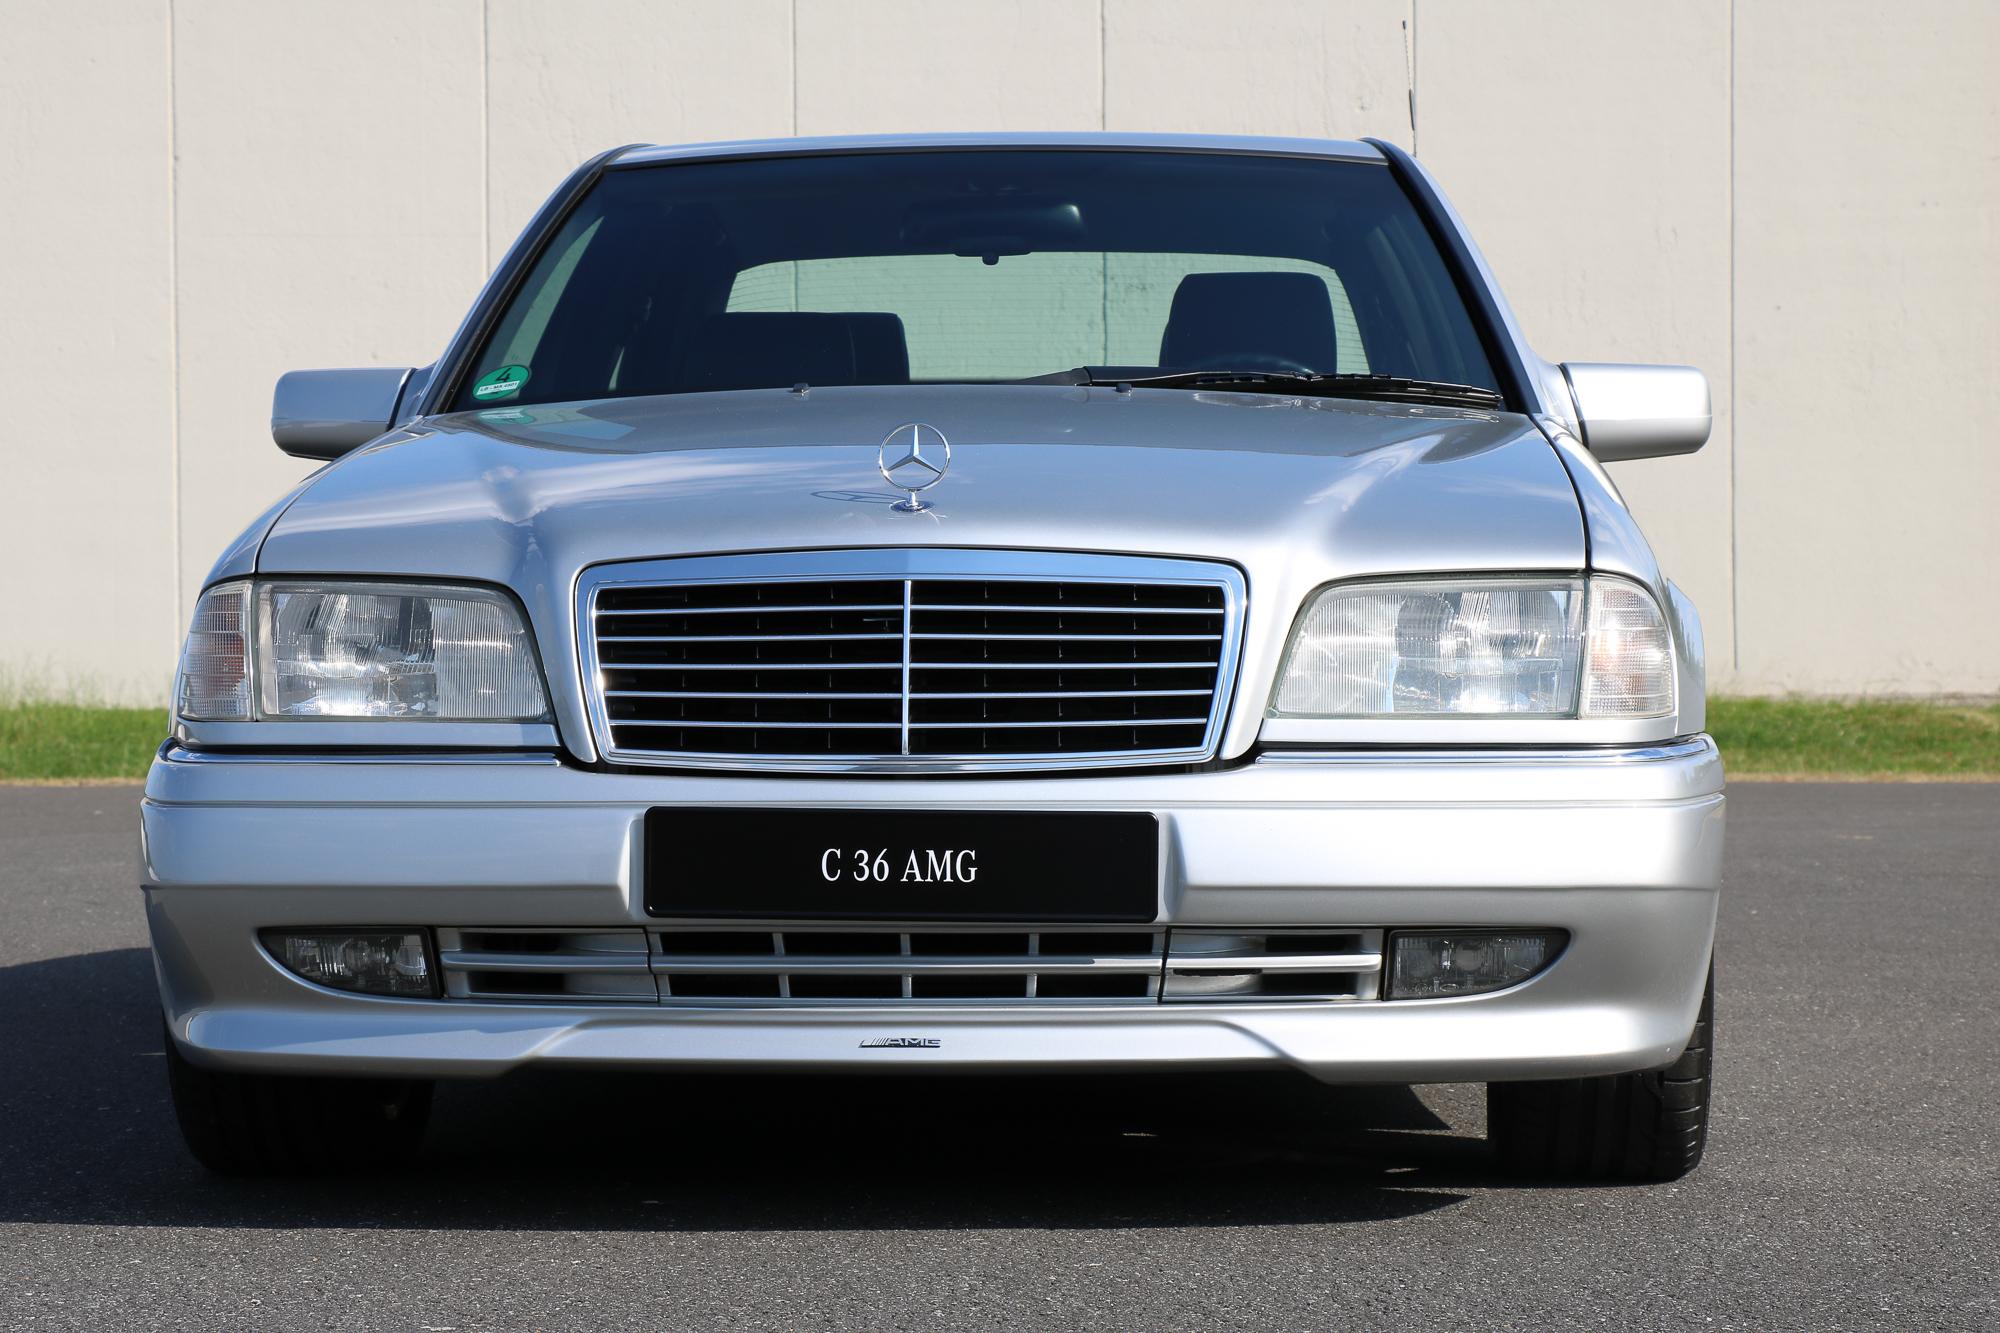 Kaufberatung Mercedes Benz C36 Amg 1994 Rostloser Rad Ab Com